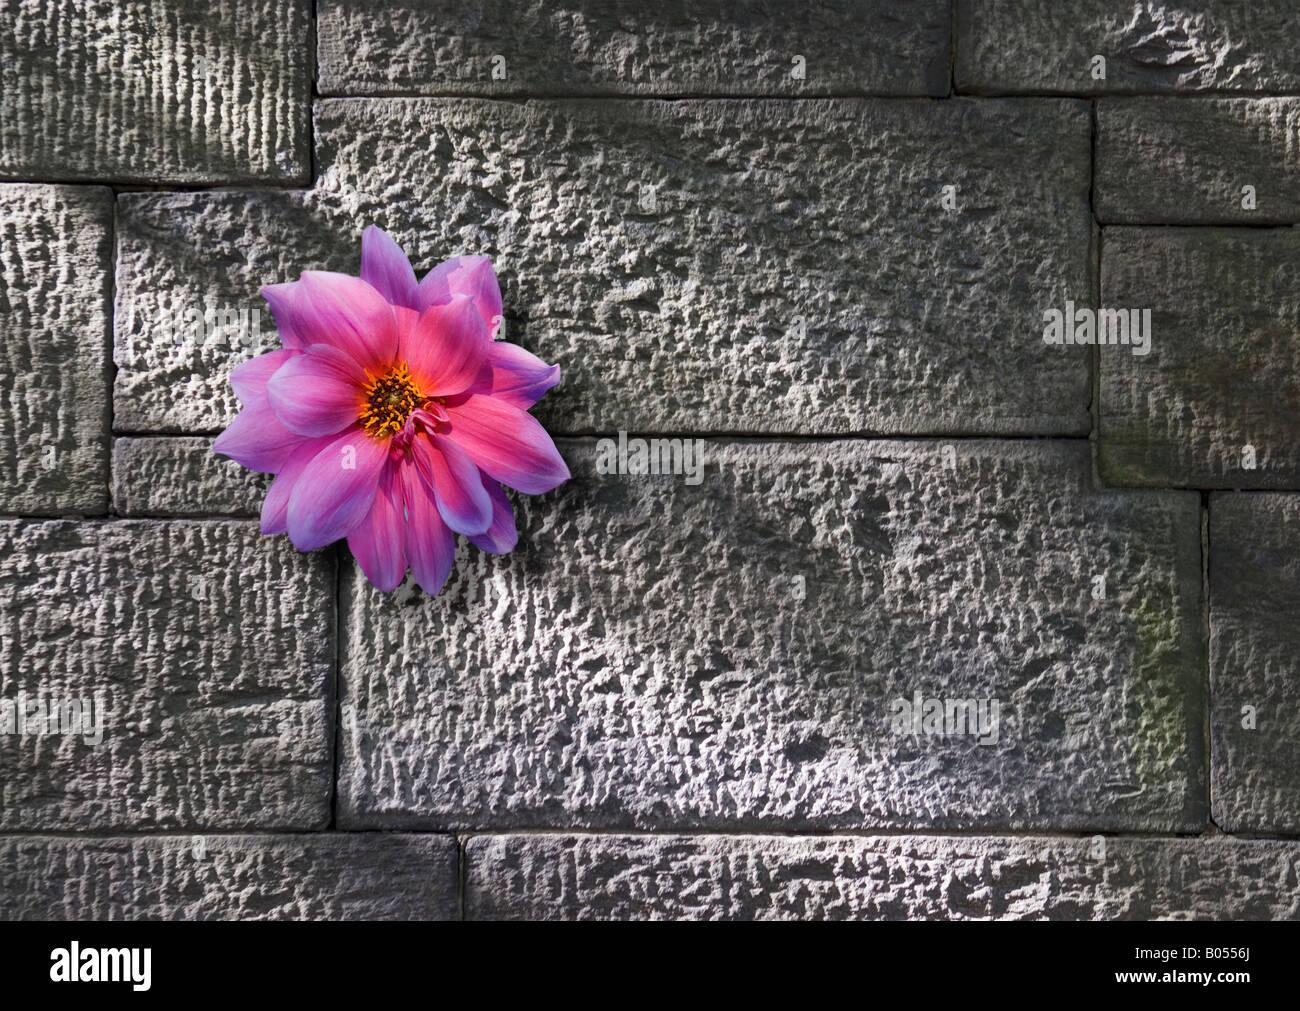 Blume wächst auf Steinmauer Stockfoto